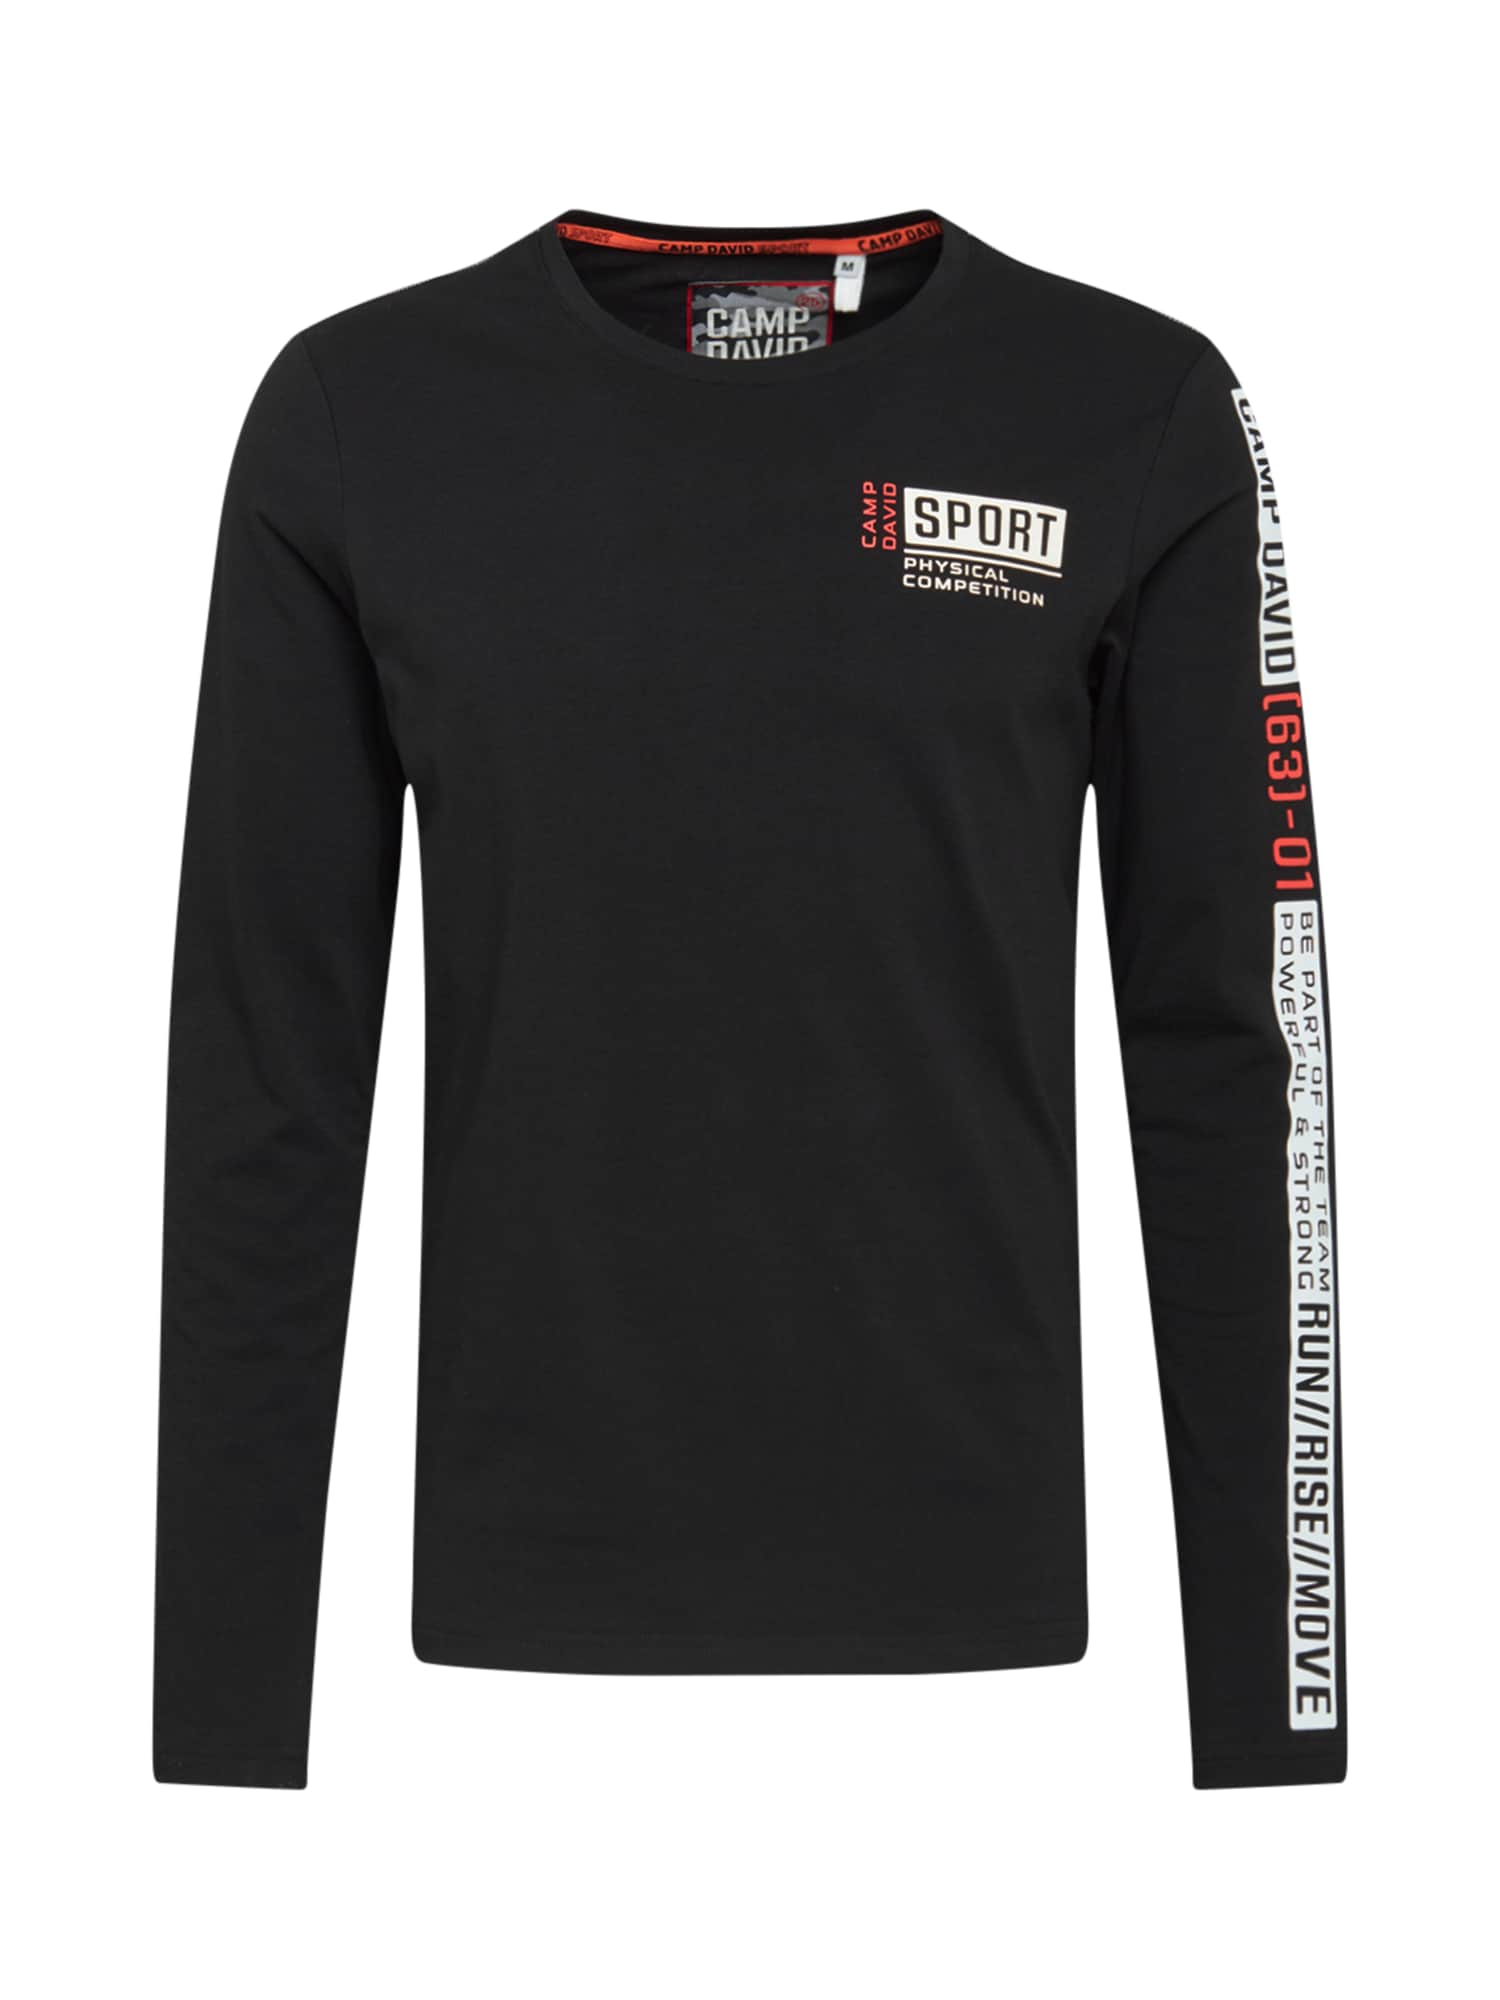 CAMP DAVID Marškinėliai juoda / balta / raudona / pilka